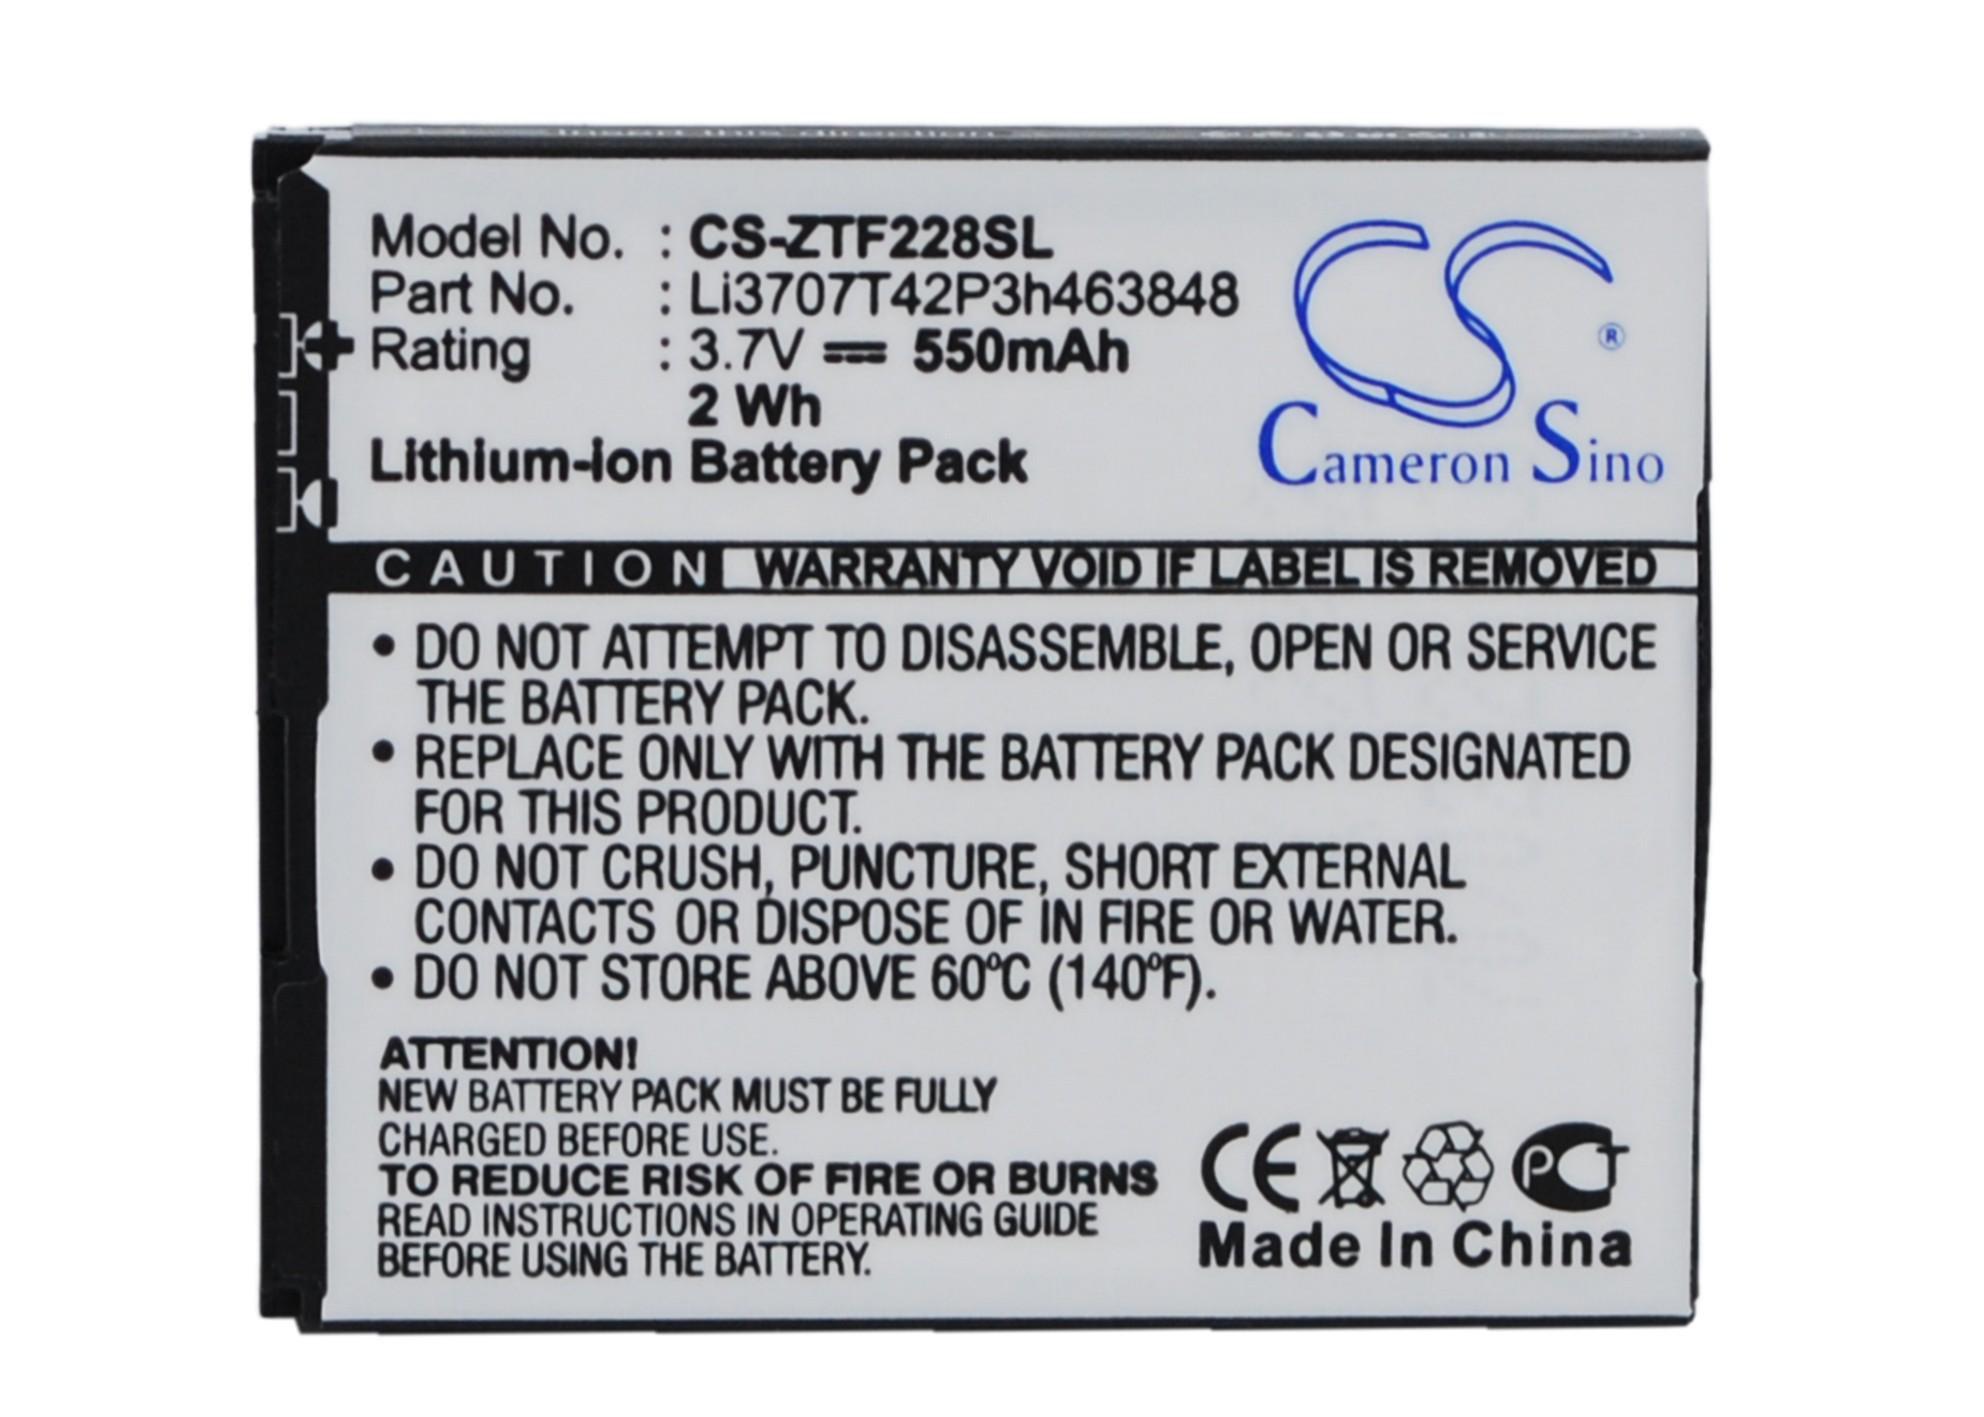 Cameron Sino baterie do mobilů pro VODAFONE 228 3.7V Li-ion 550mAh černá - neoriginální